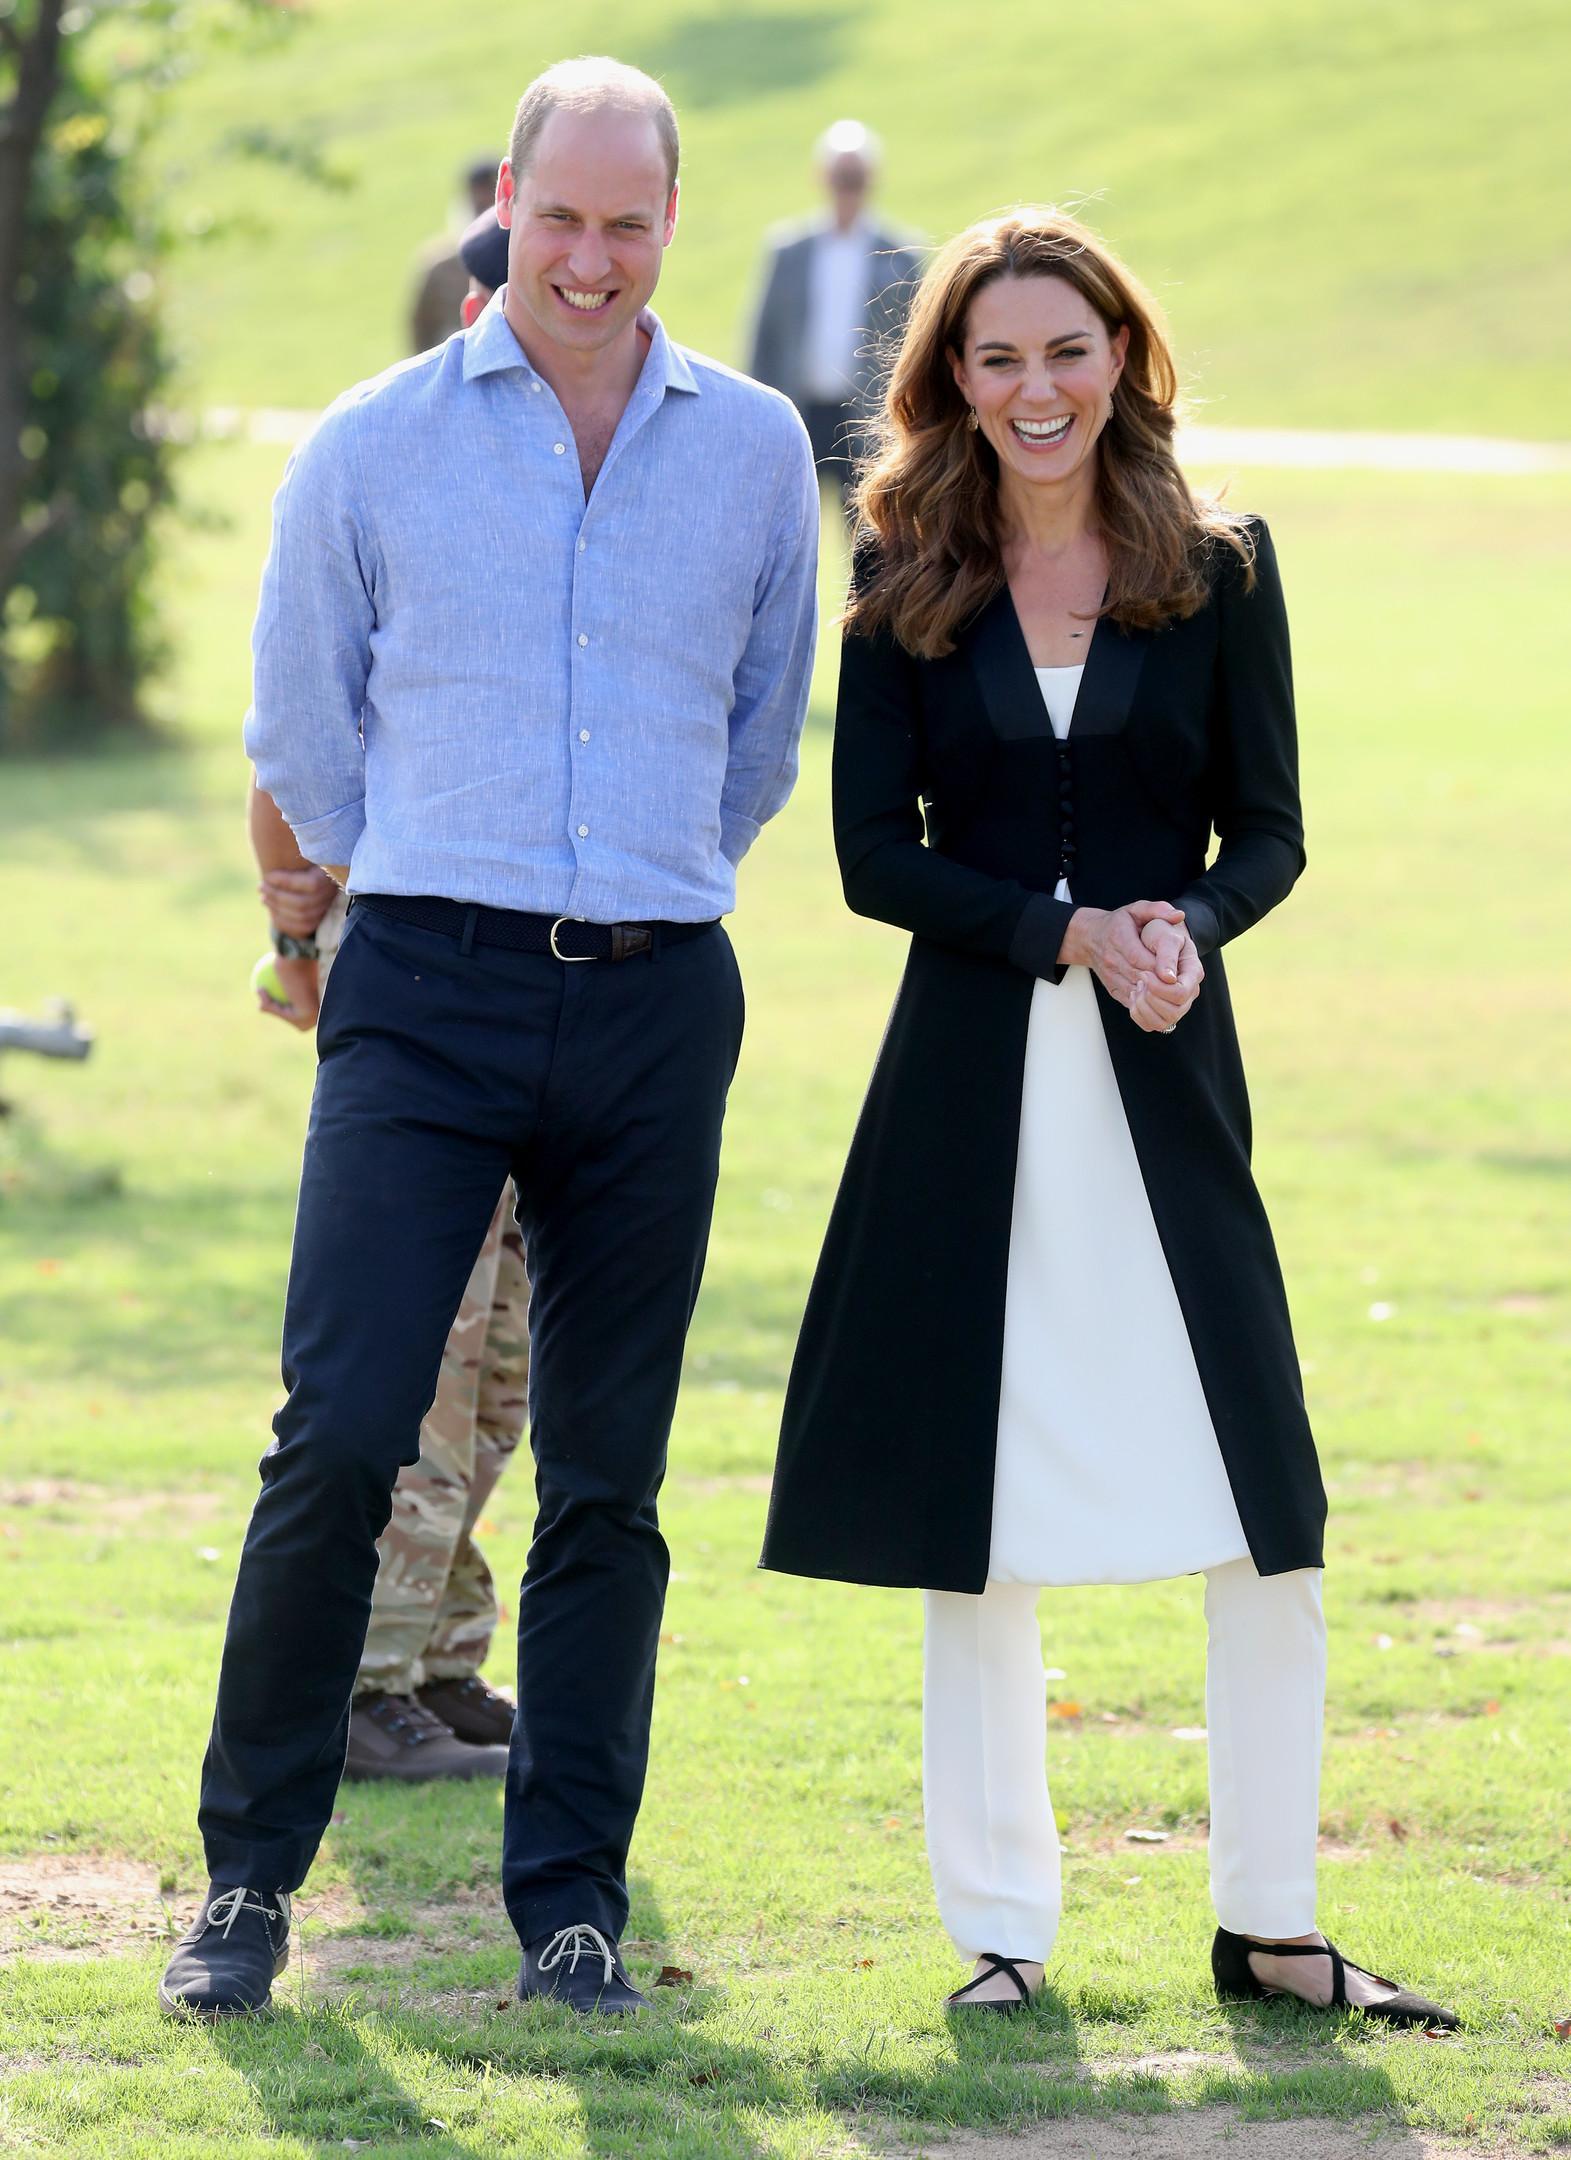 Королевская щедрость: Кейт Миддлтон и принц Уильям анонимно помогали жителям Британии во время пандемии